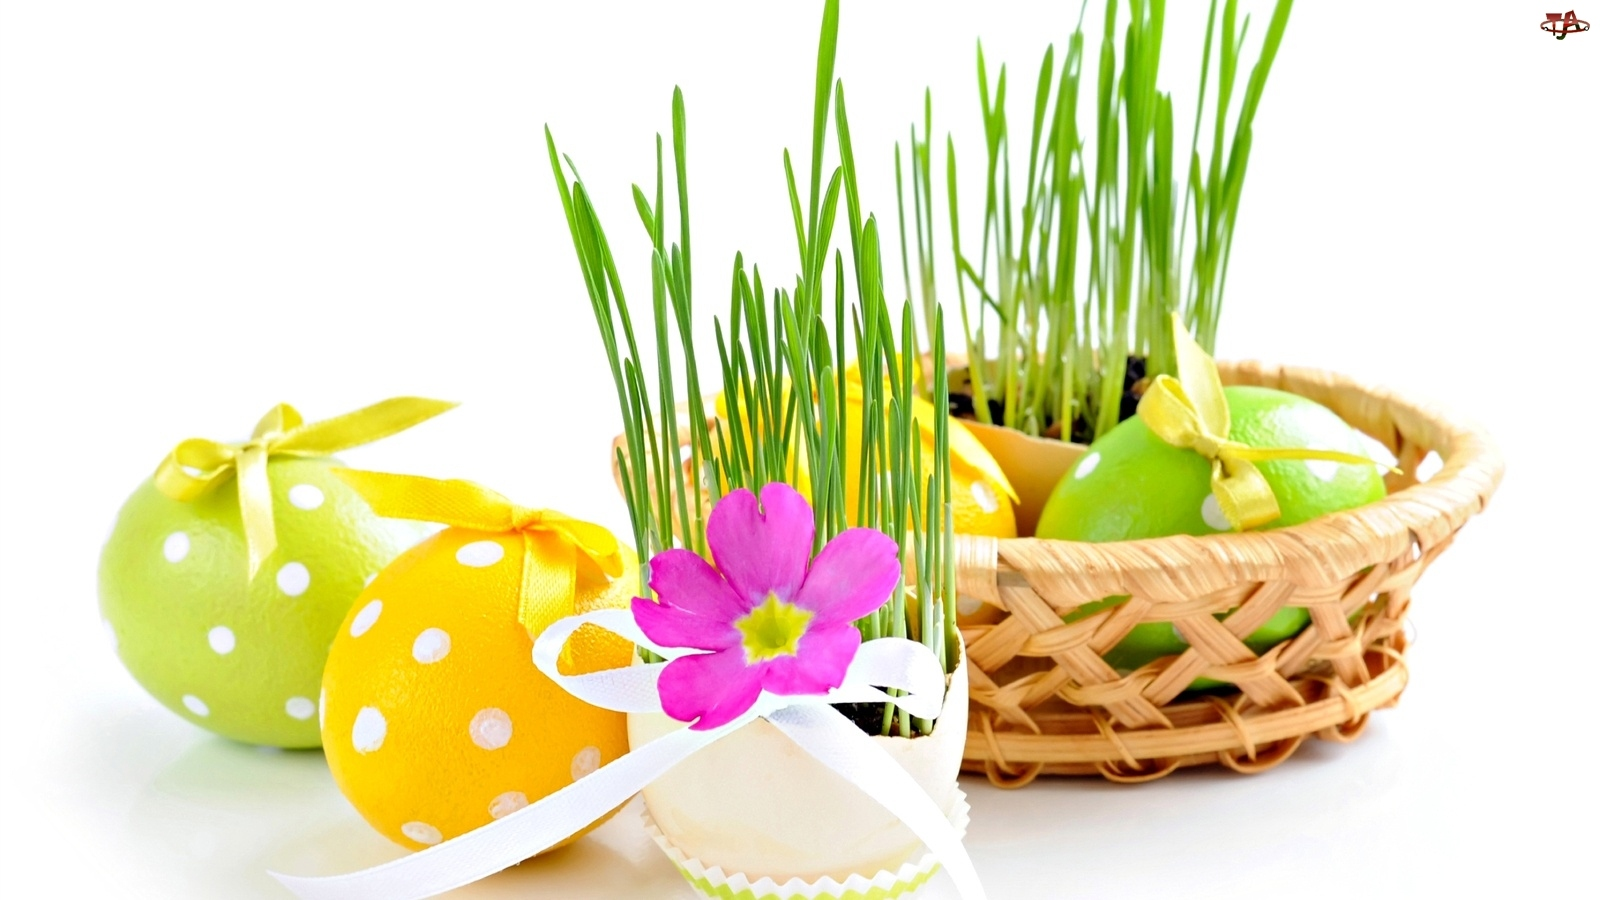 Kwiatuszek, Koszyk, Jajka, Wielkanocne, Trzwa